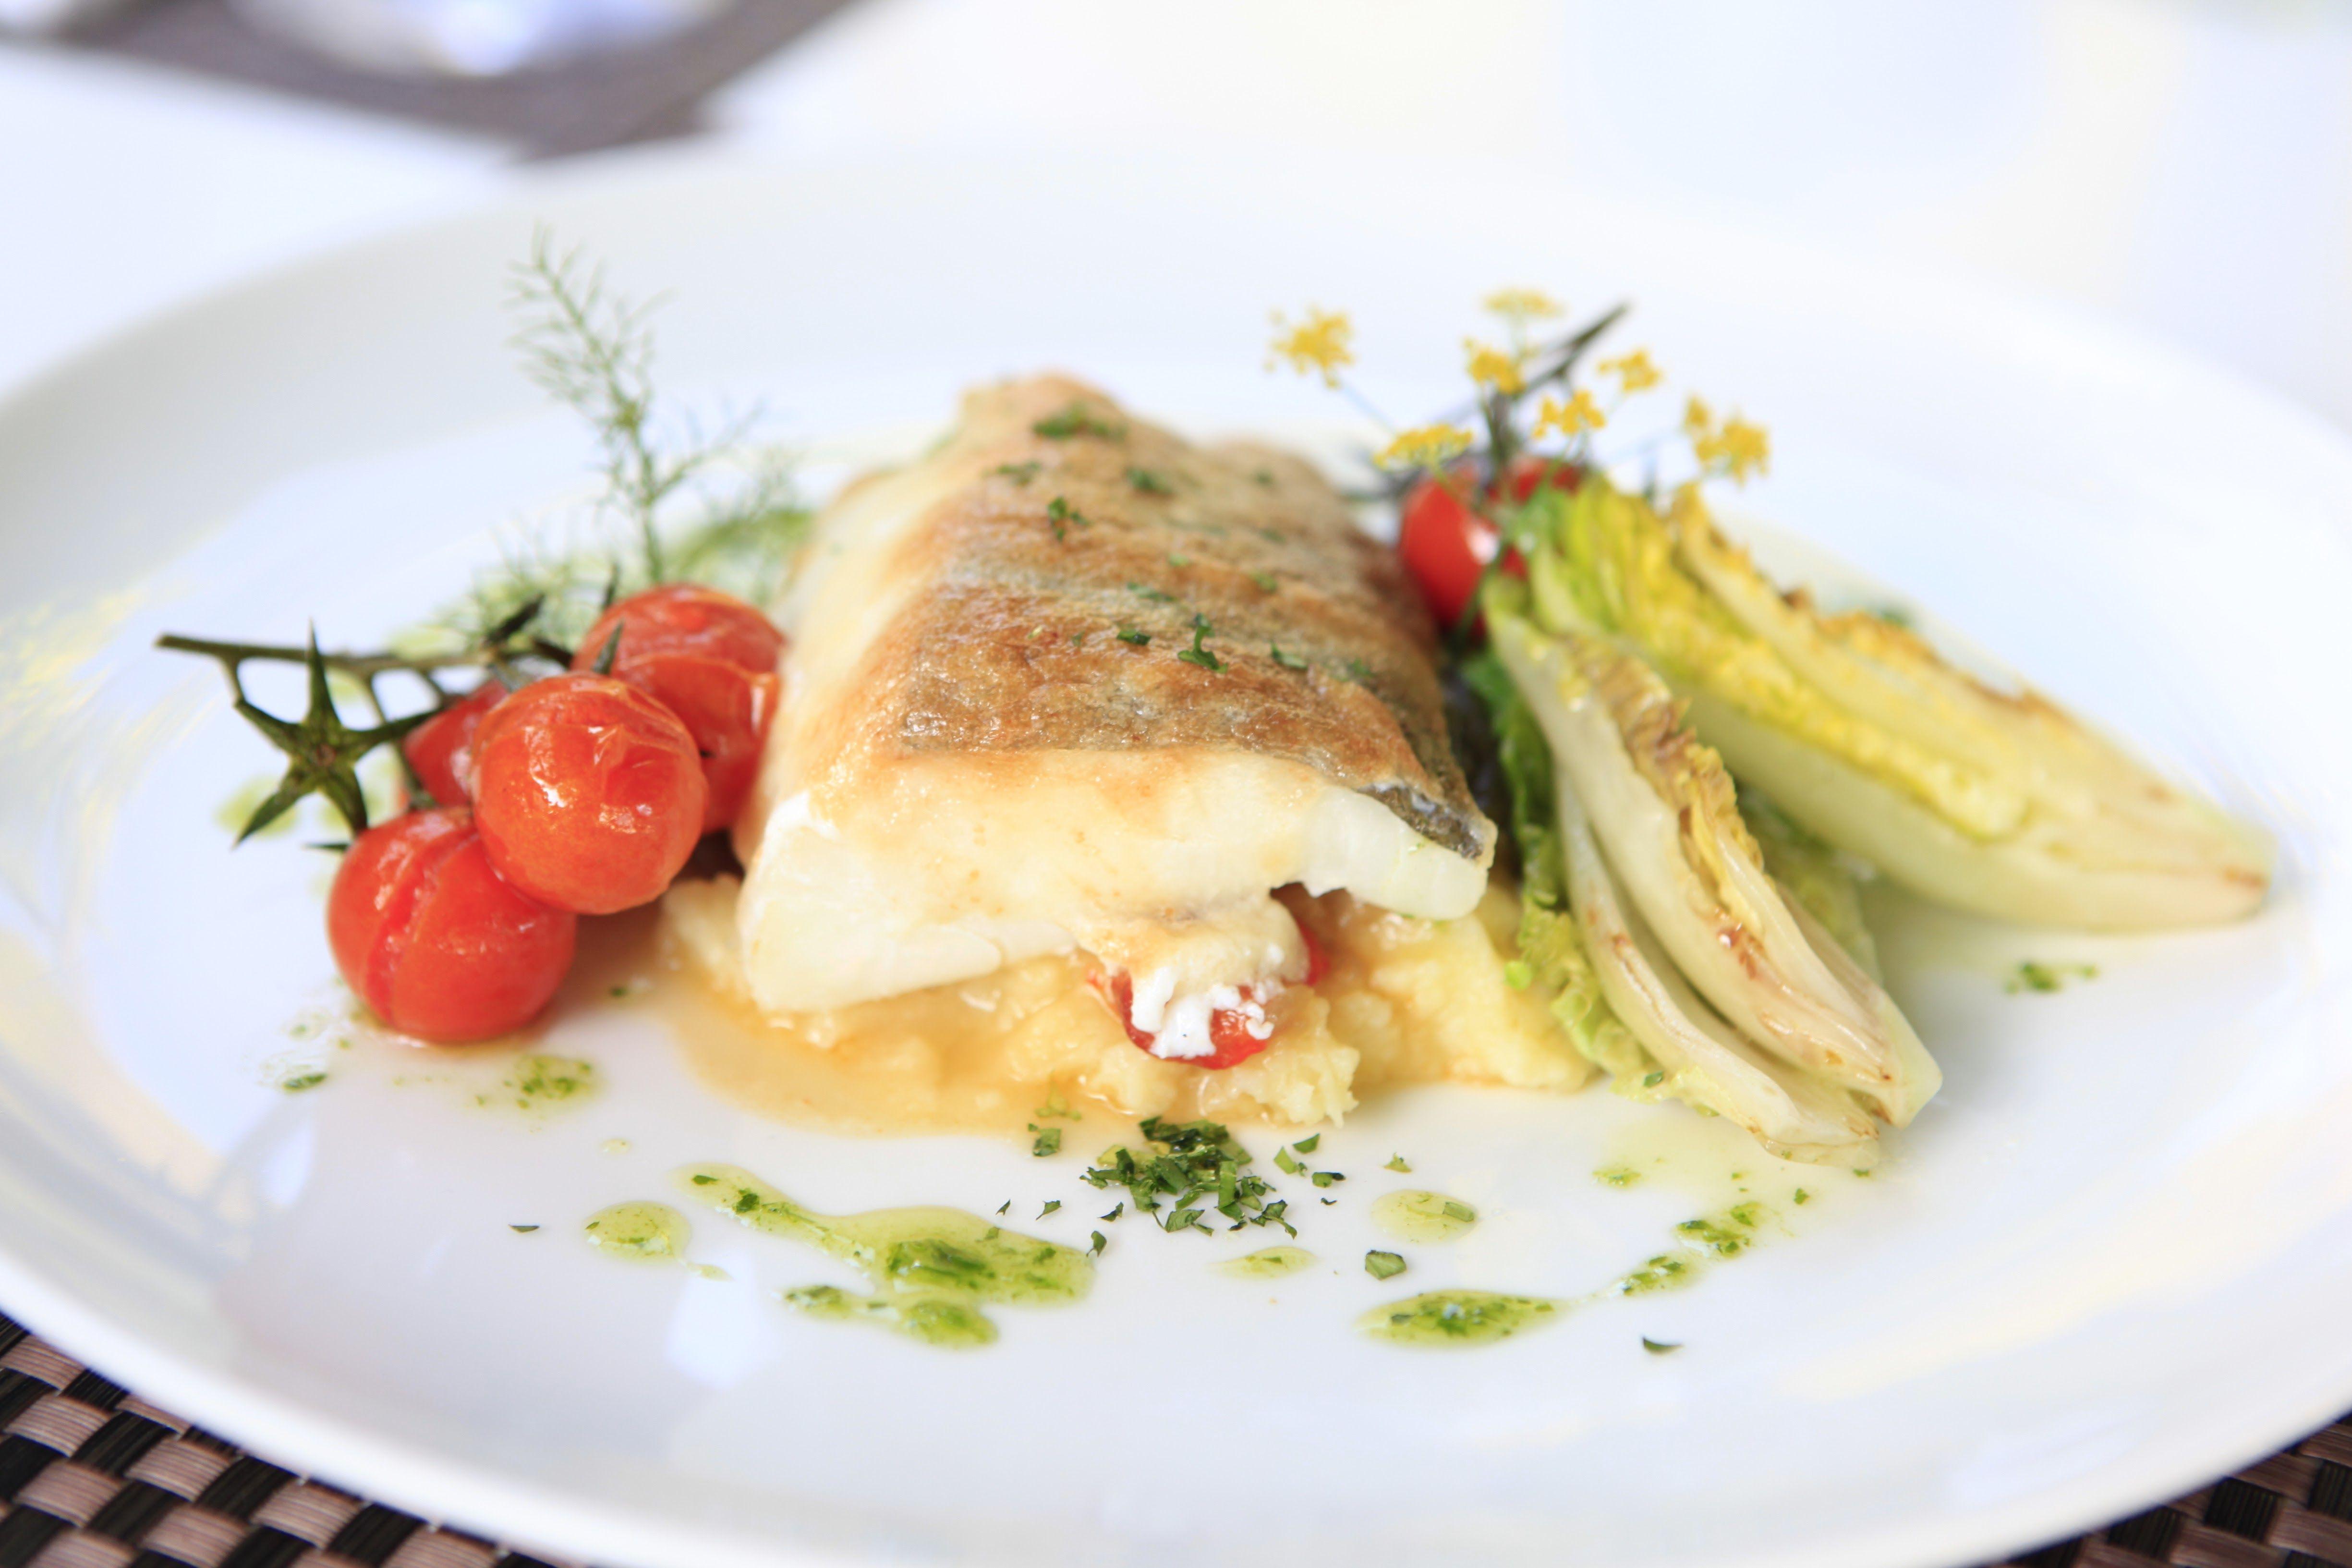 Foto 2 de Restaurante de cocina tradicional en Ibiza en Santa Eulària des Riu | Donde Marian y Miguel